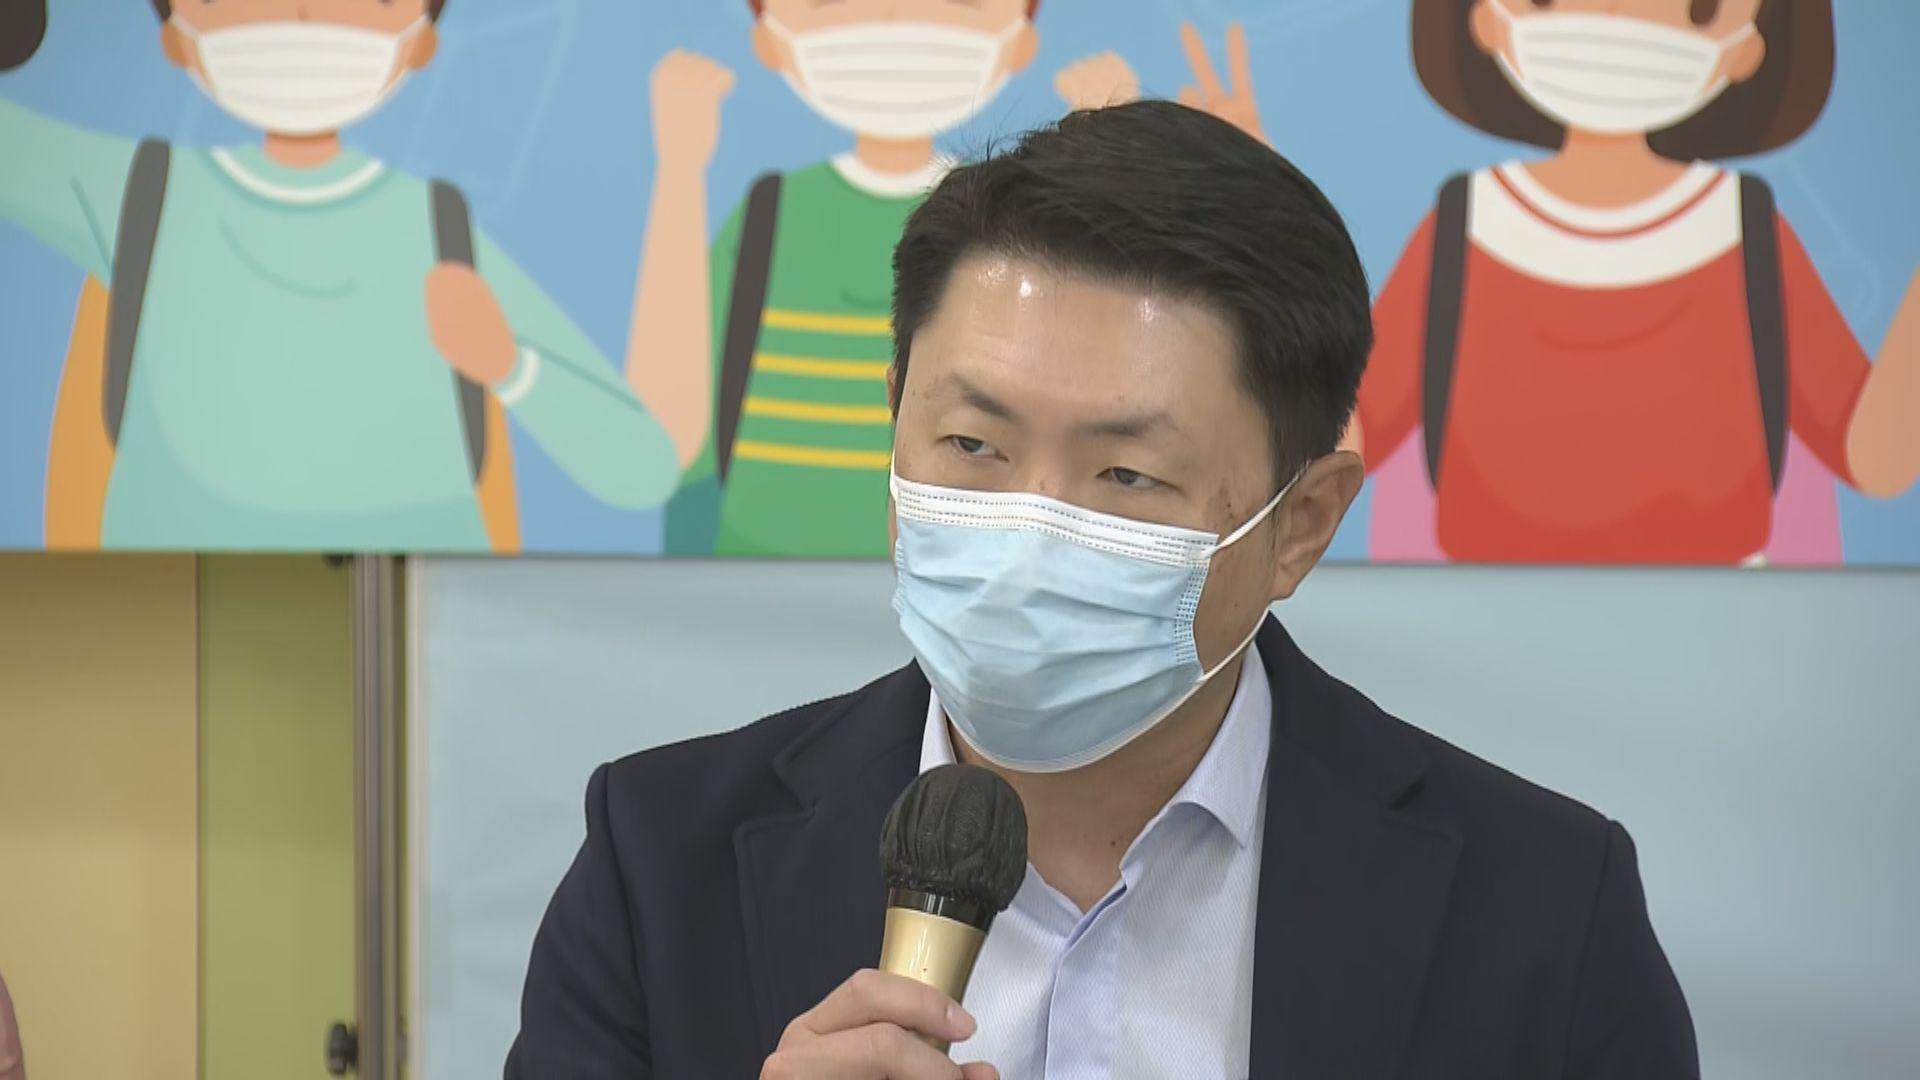 孔繁毅:研究顯示兒童接種復必泰對變種病毒保護力很好